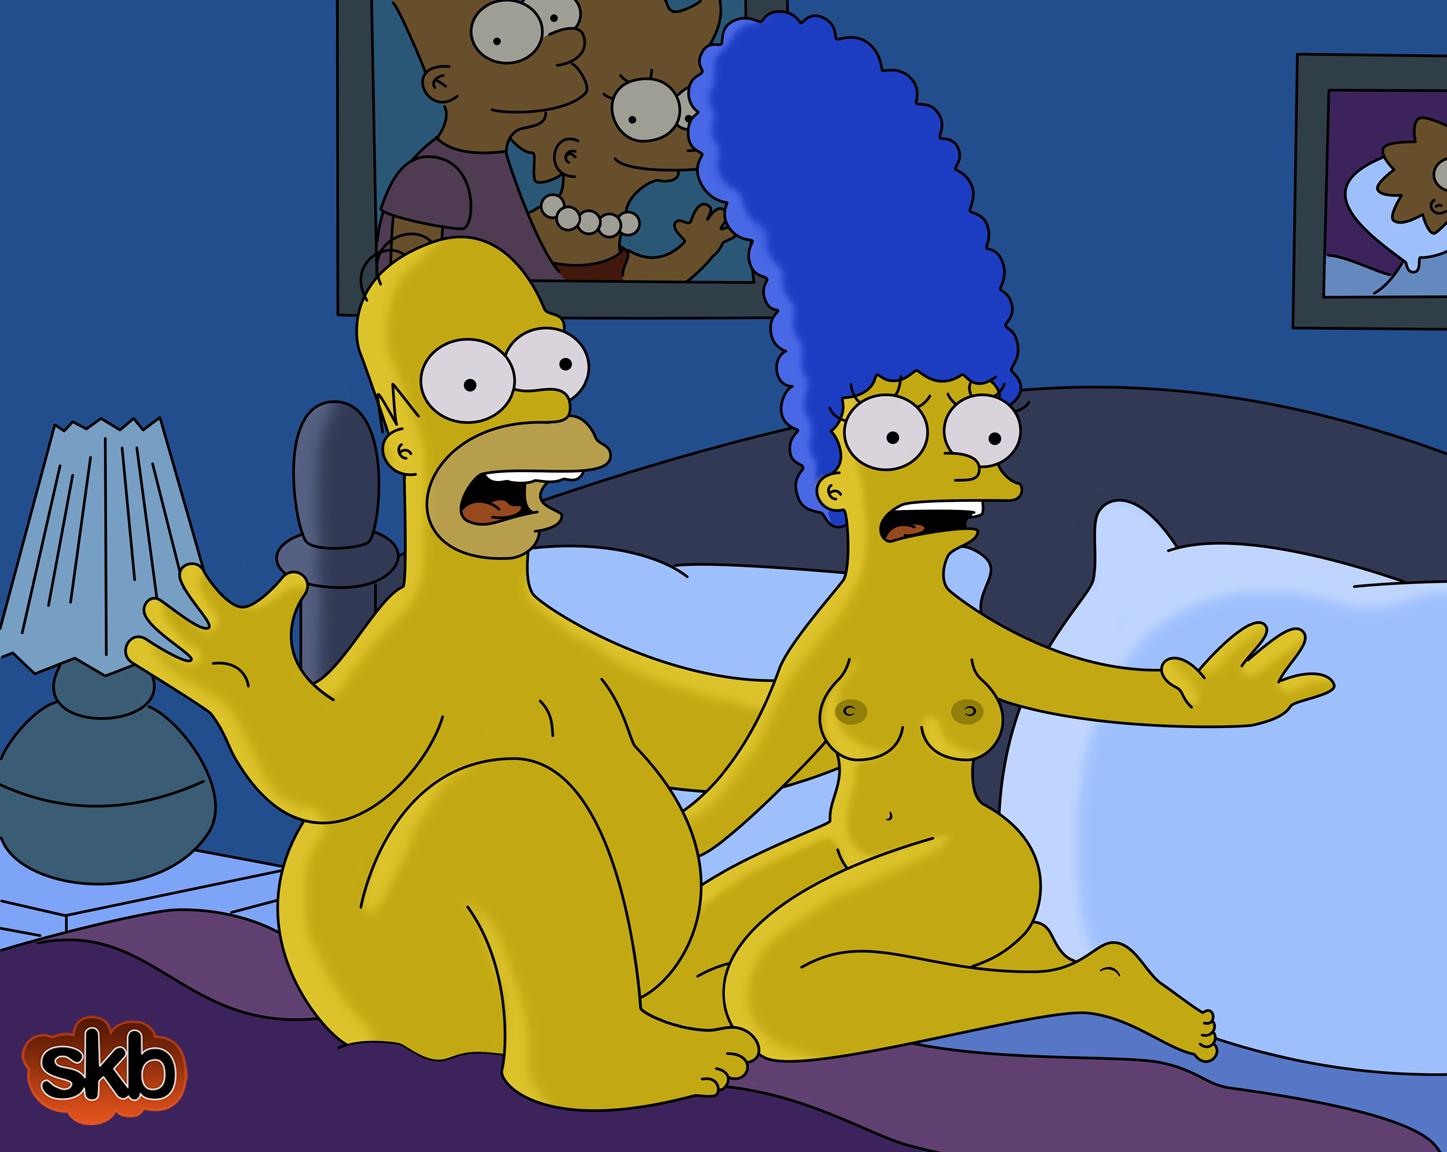 Мардж и гомер занимаются сексом